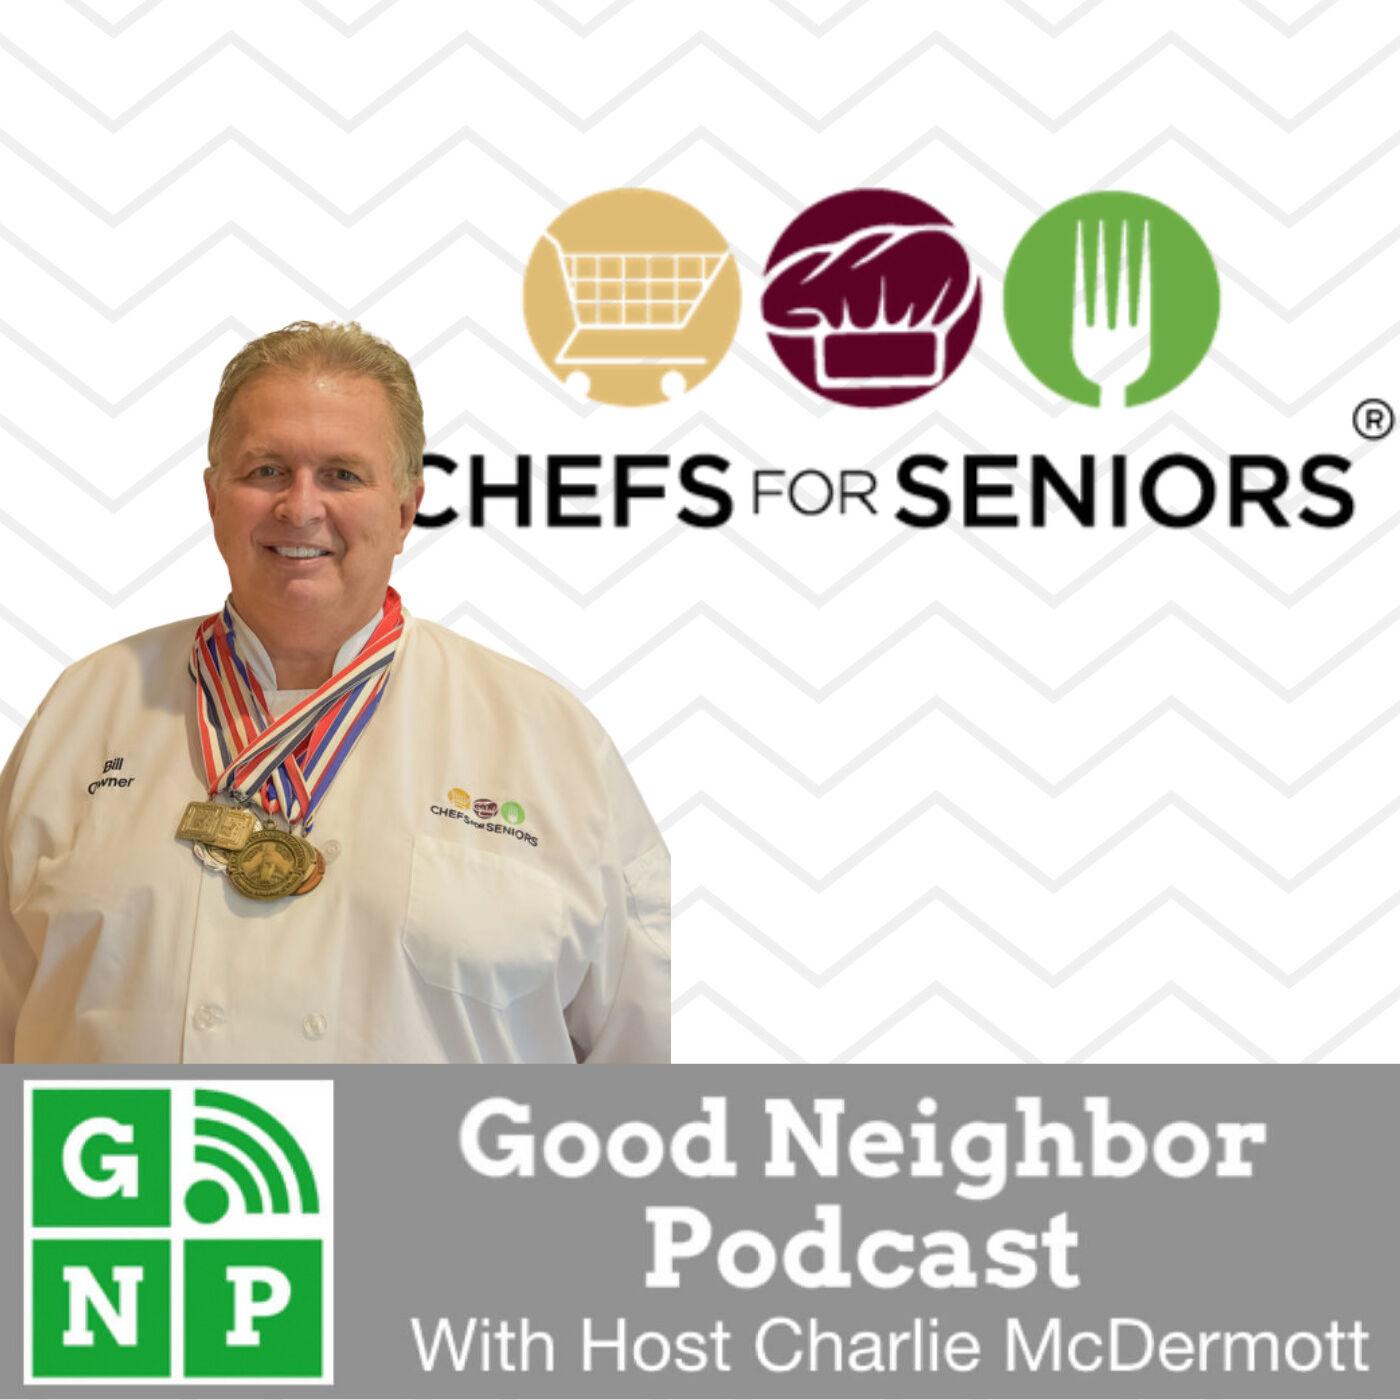 EP #502: Chefs for Seniors Naples with Bill Springer